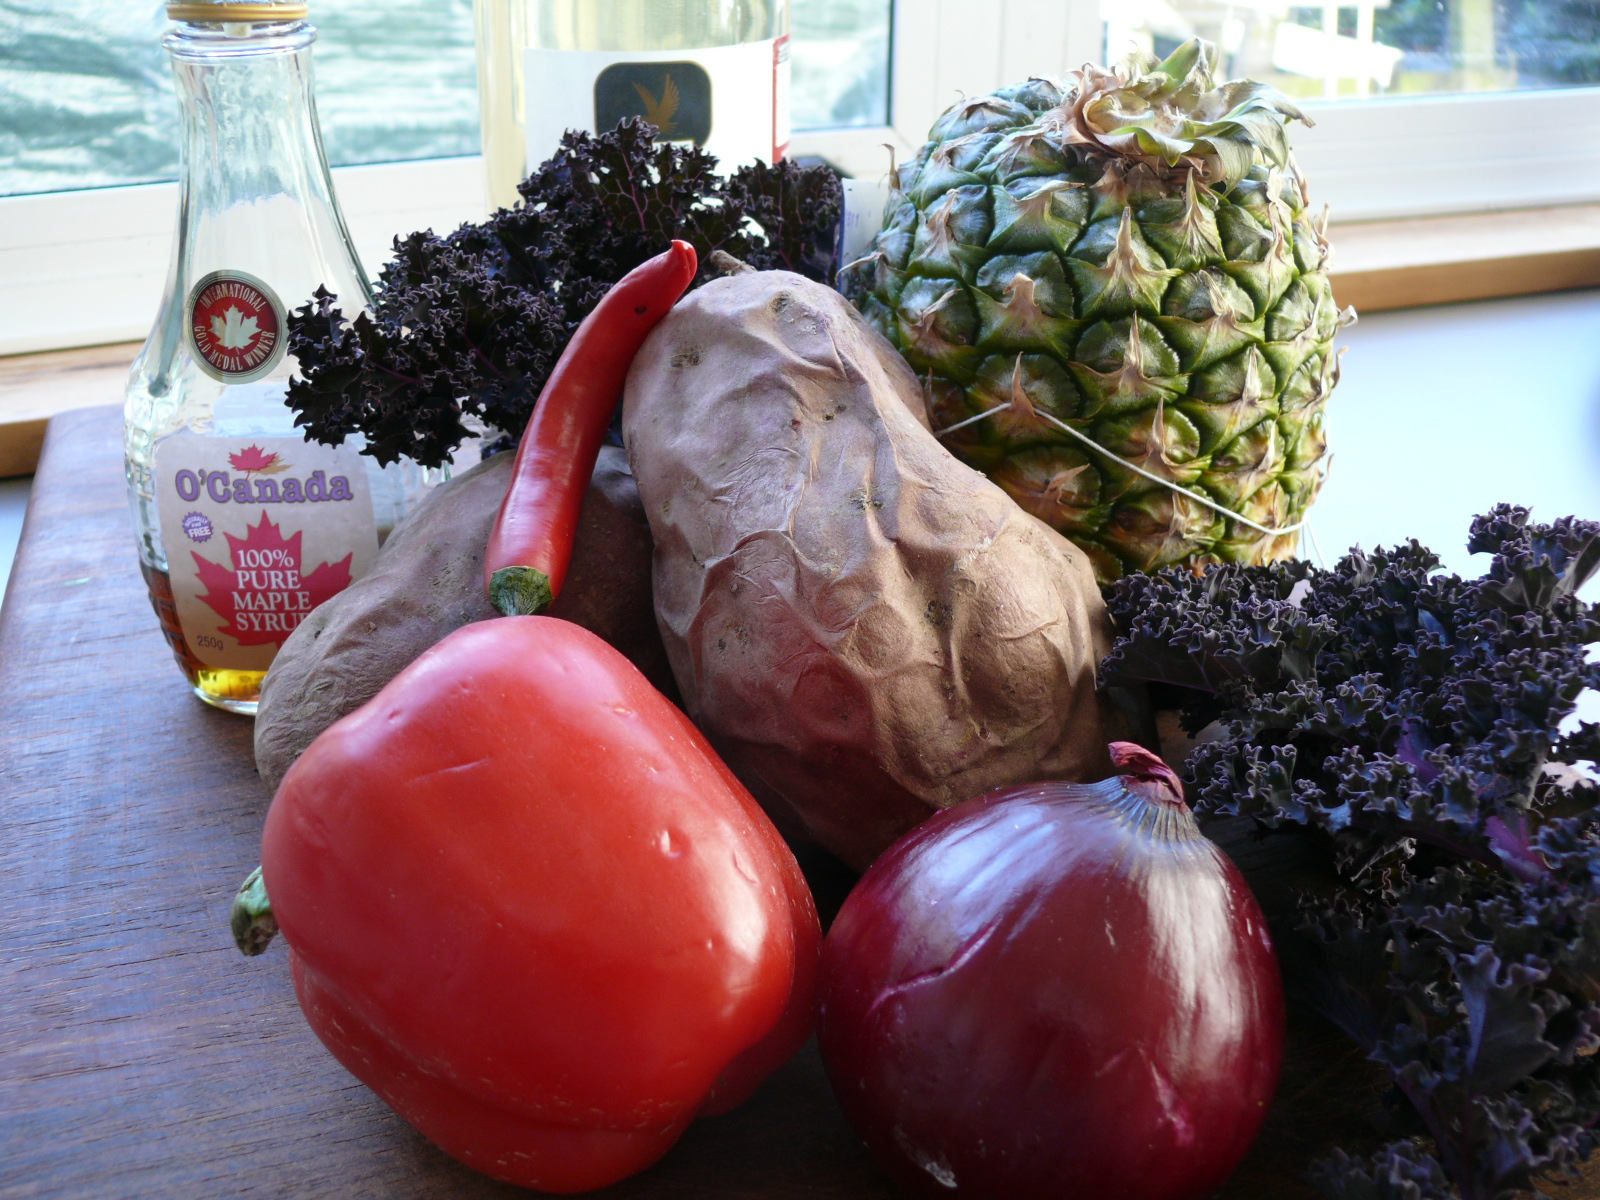 kale kumera and pineapple salad